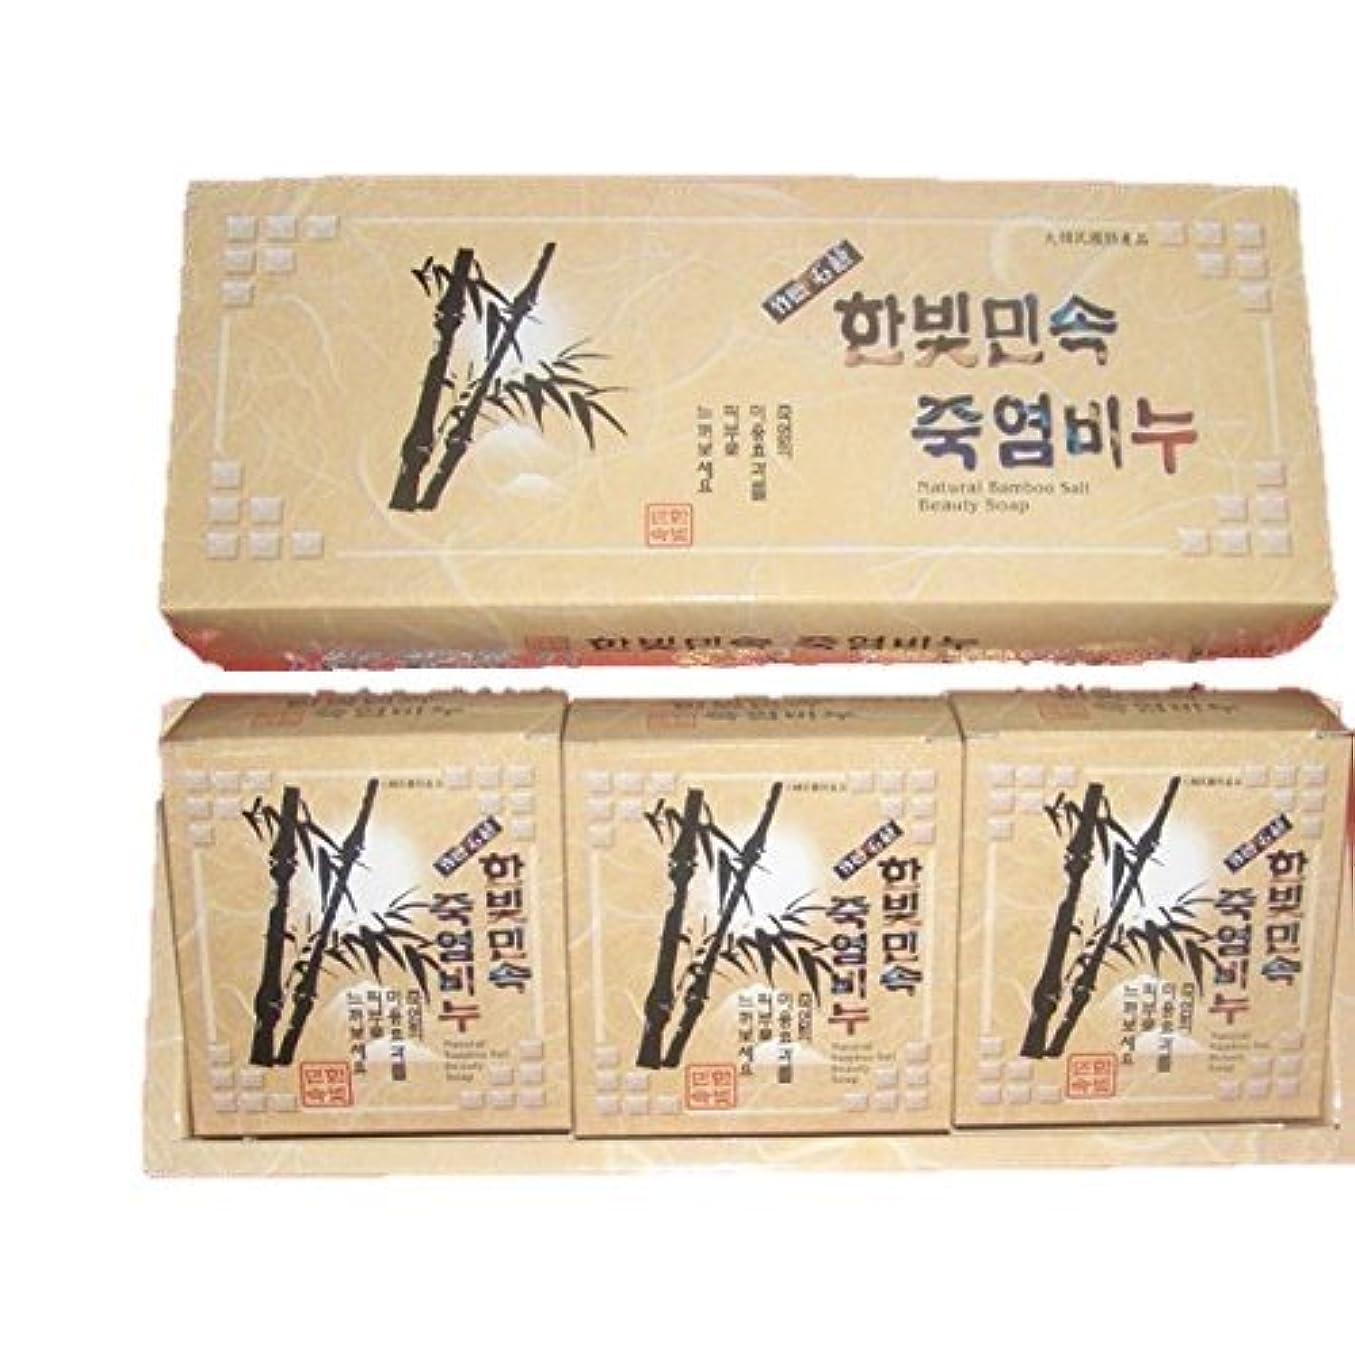 も湿原湿度(韓国ブランド) 竹塩石鹸 (3個×3セット)